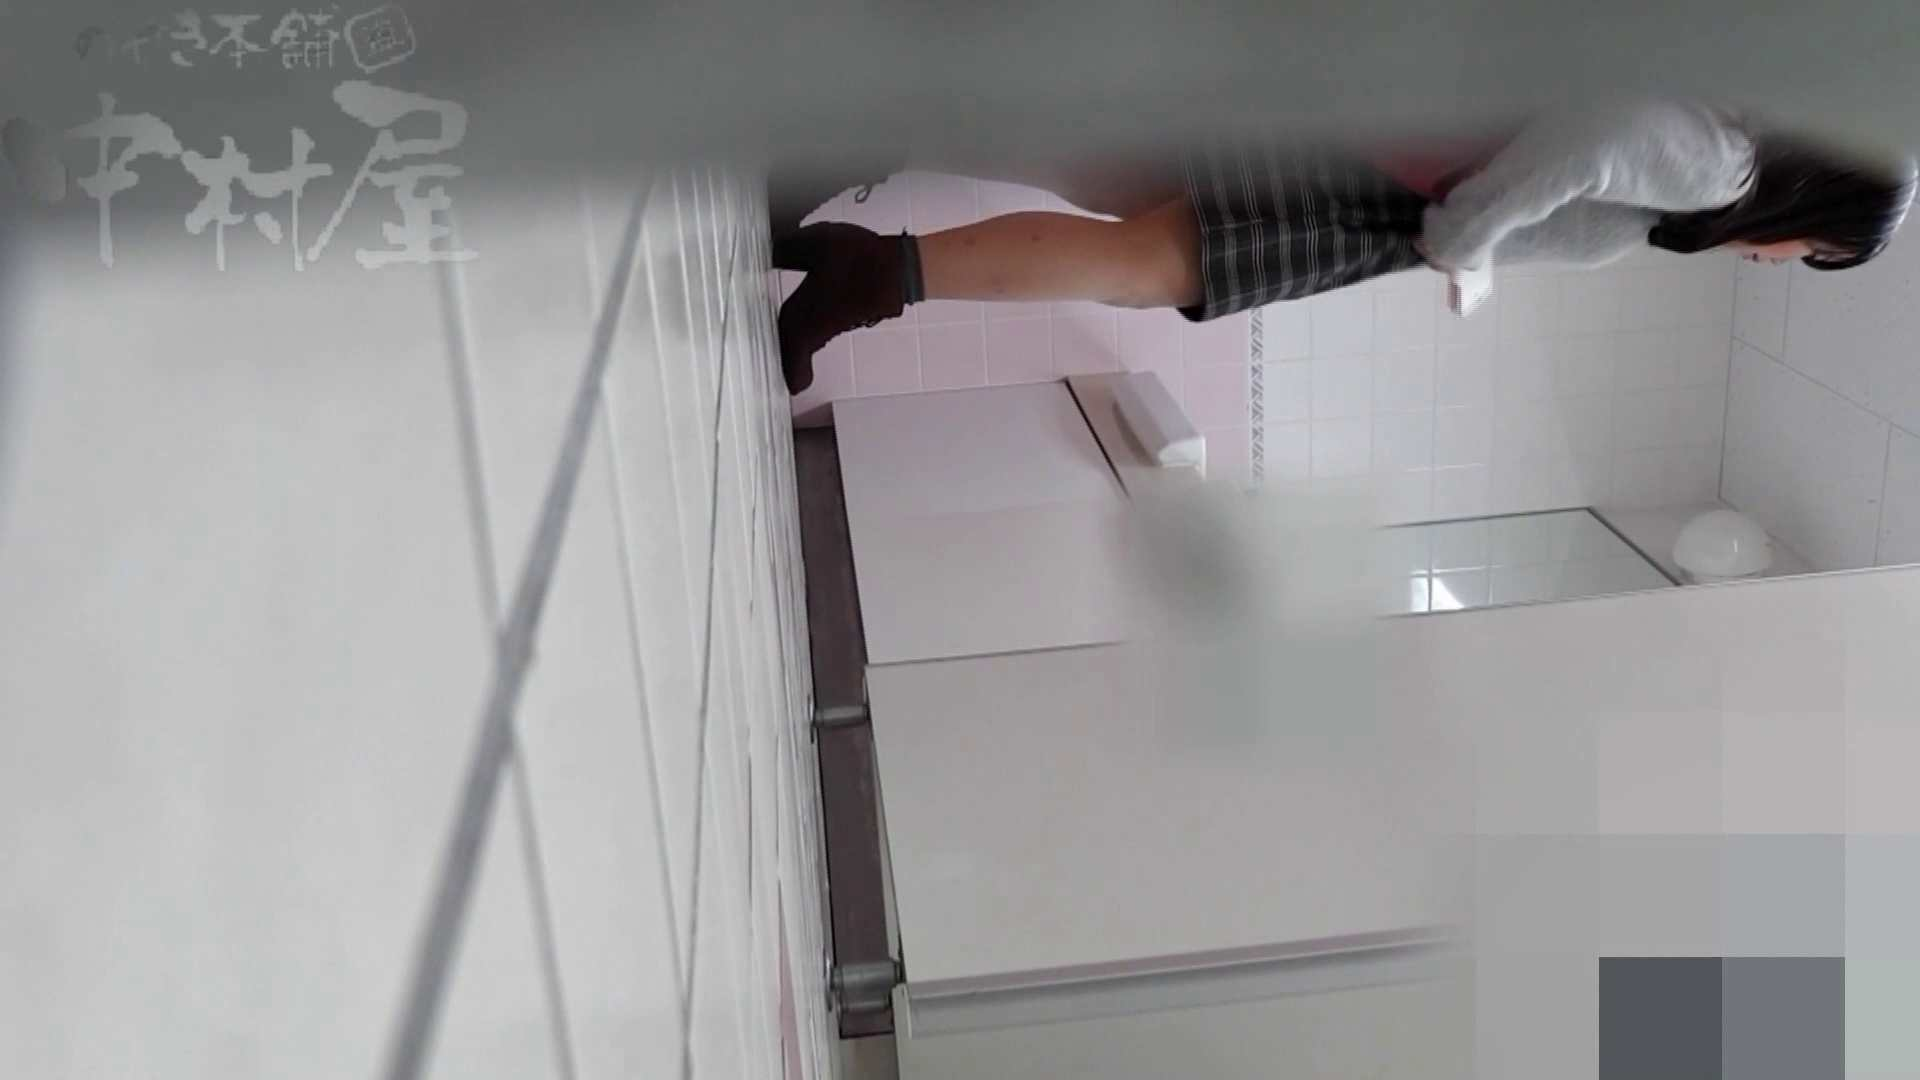 美しい日本の未来 No.31 新しいアングルに挑戦 盗撮動画 AV無料 10枚 2